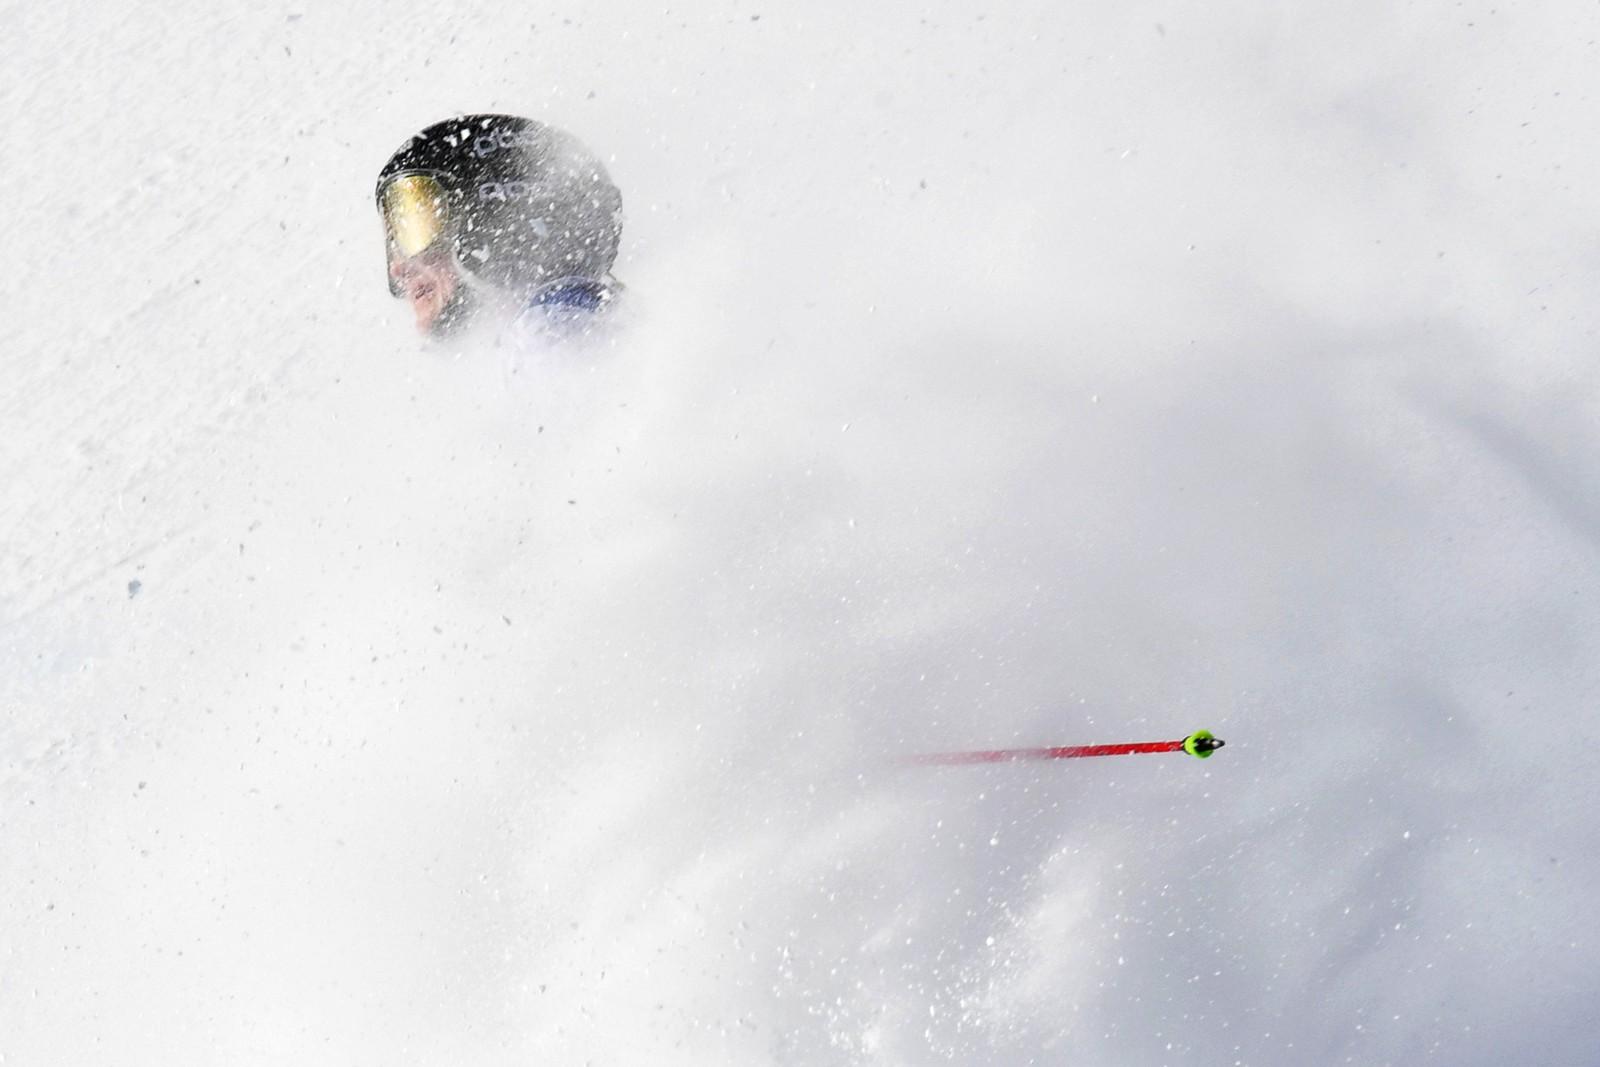 Sveitsiske Simone Wild har nettopp krysset målstreken under VM i storslalåm i St. Moritz i Sveits